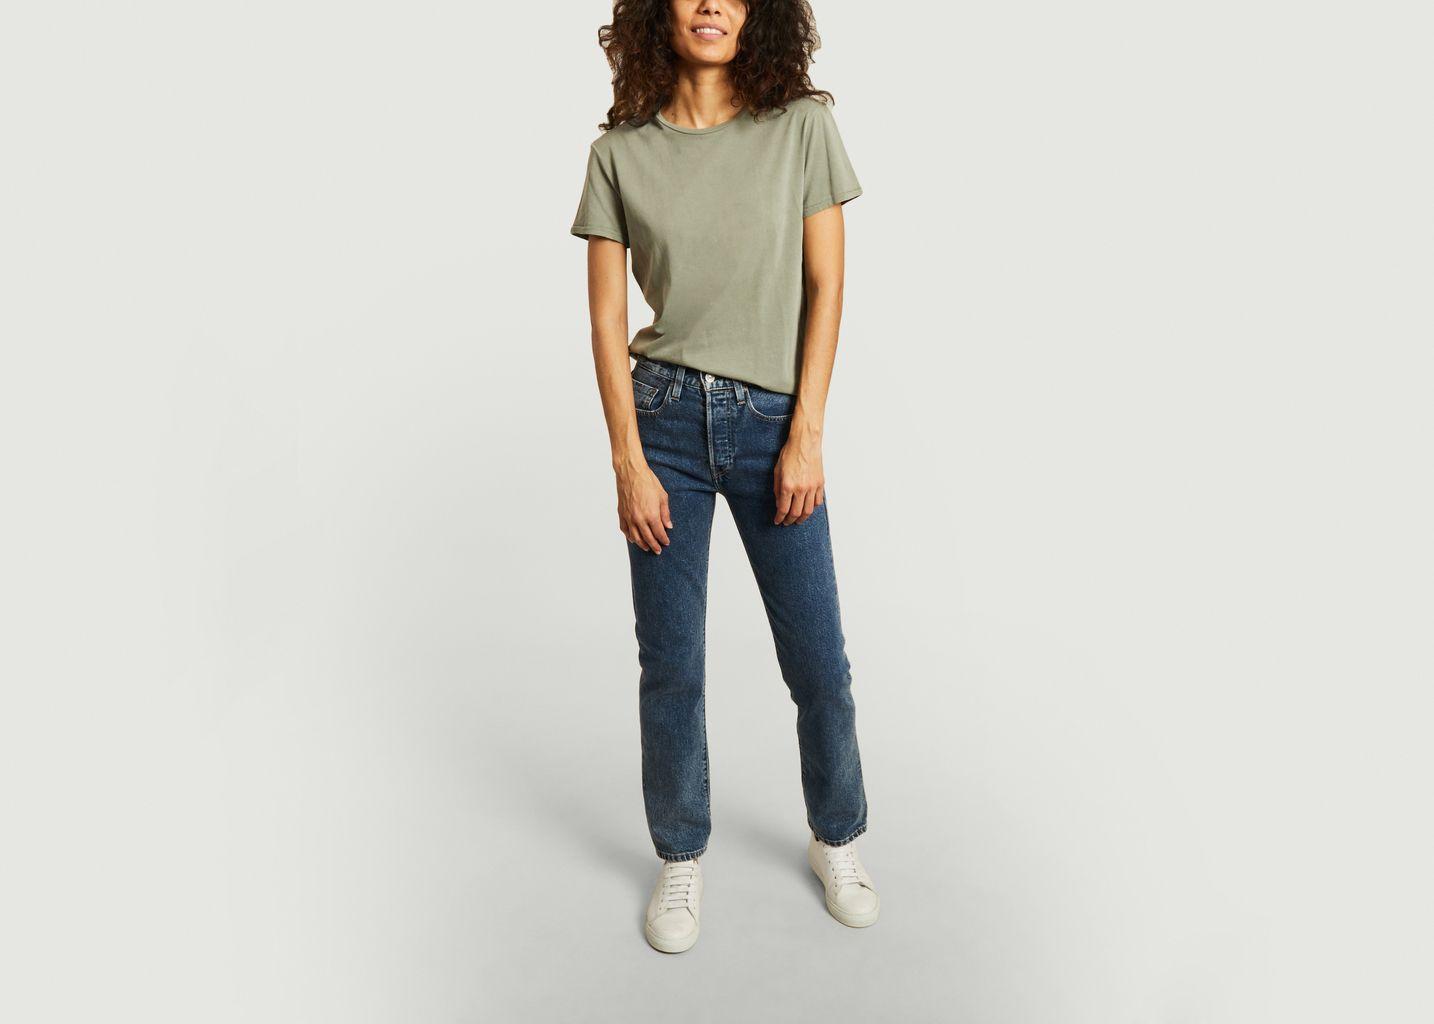 T-shirt Vegiflower - American Vintage